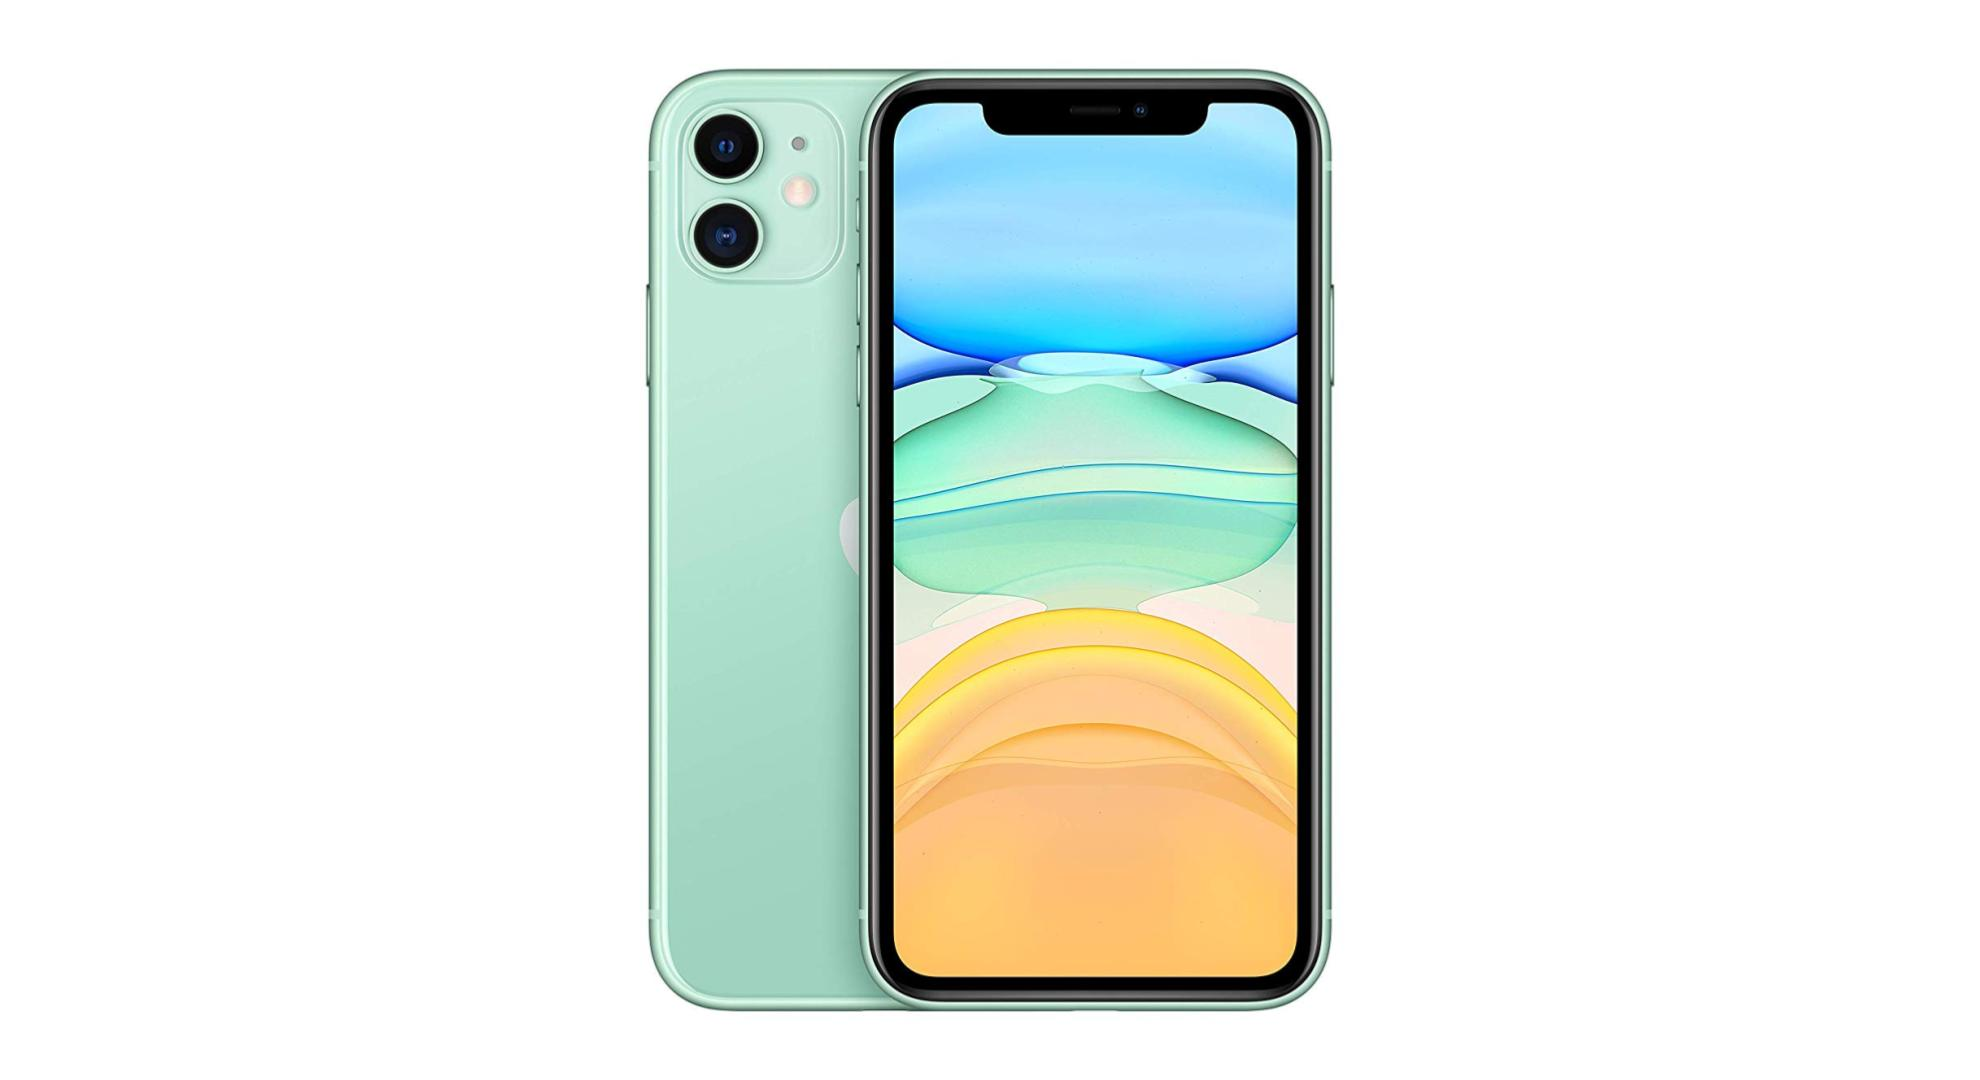 Le Deal du Jour : l'iPhone 11 baisse une nouvelle fois sur Amazon